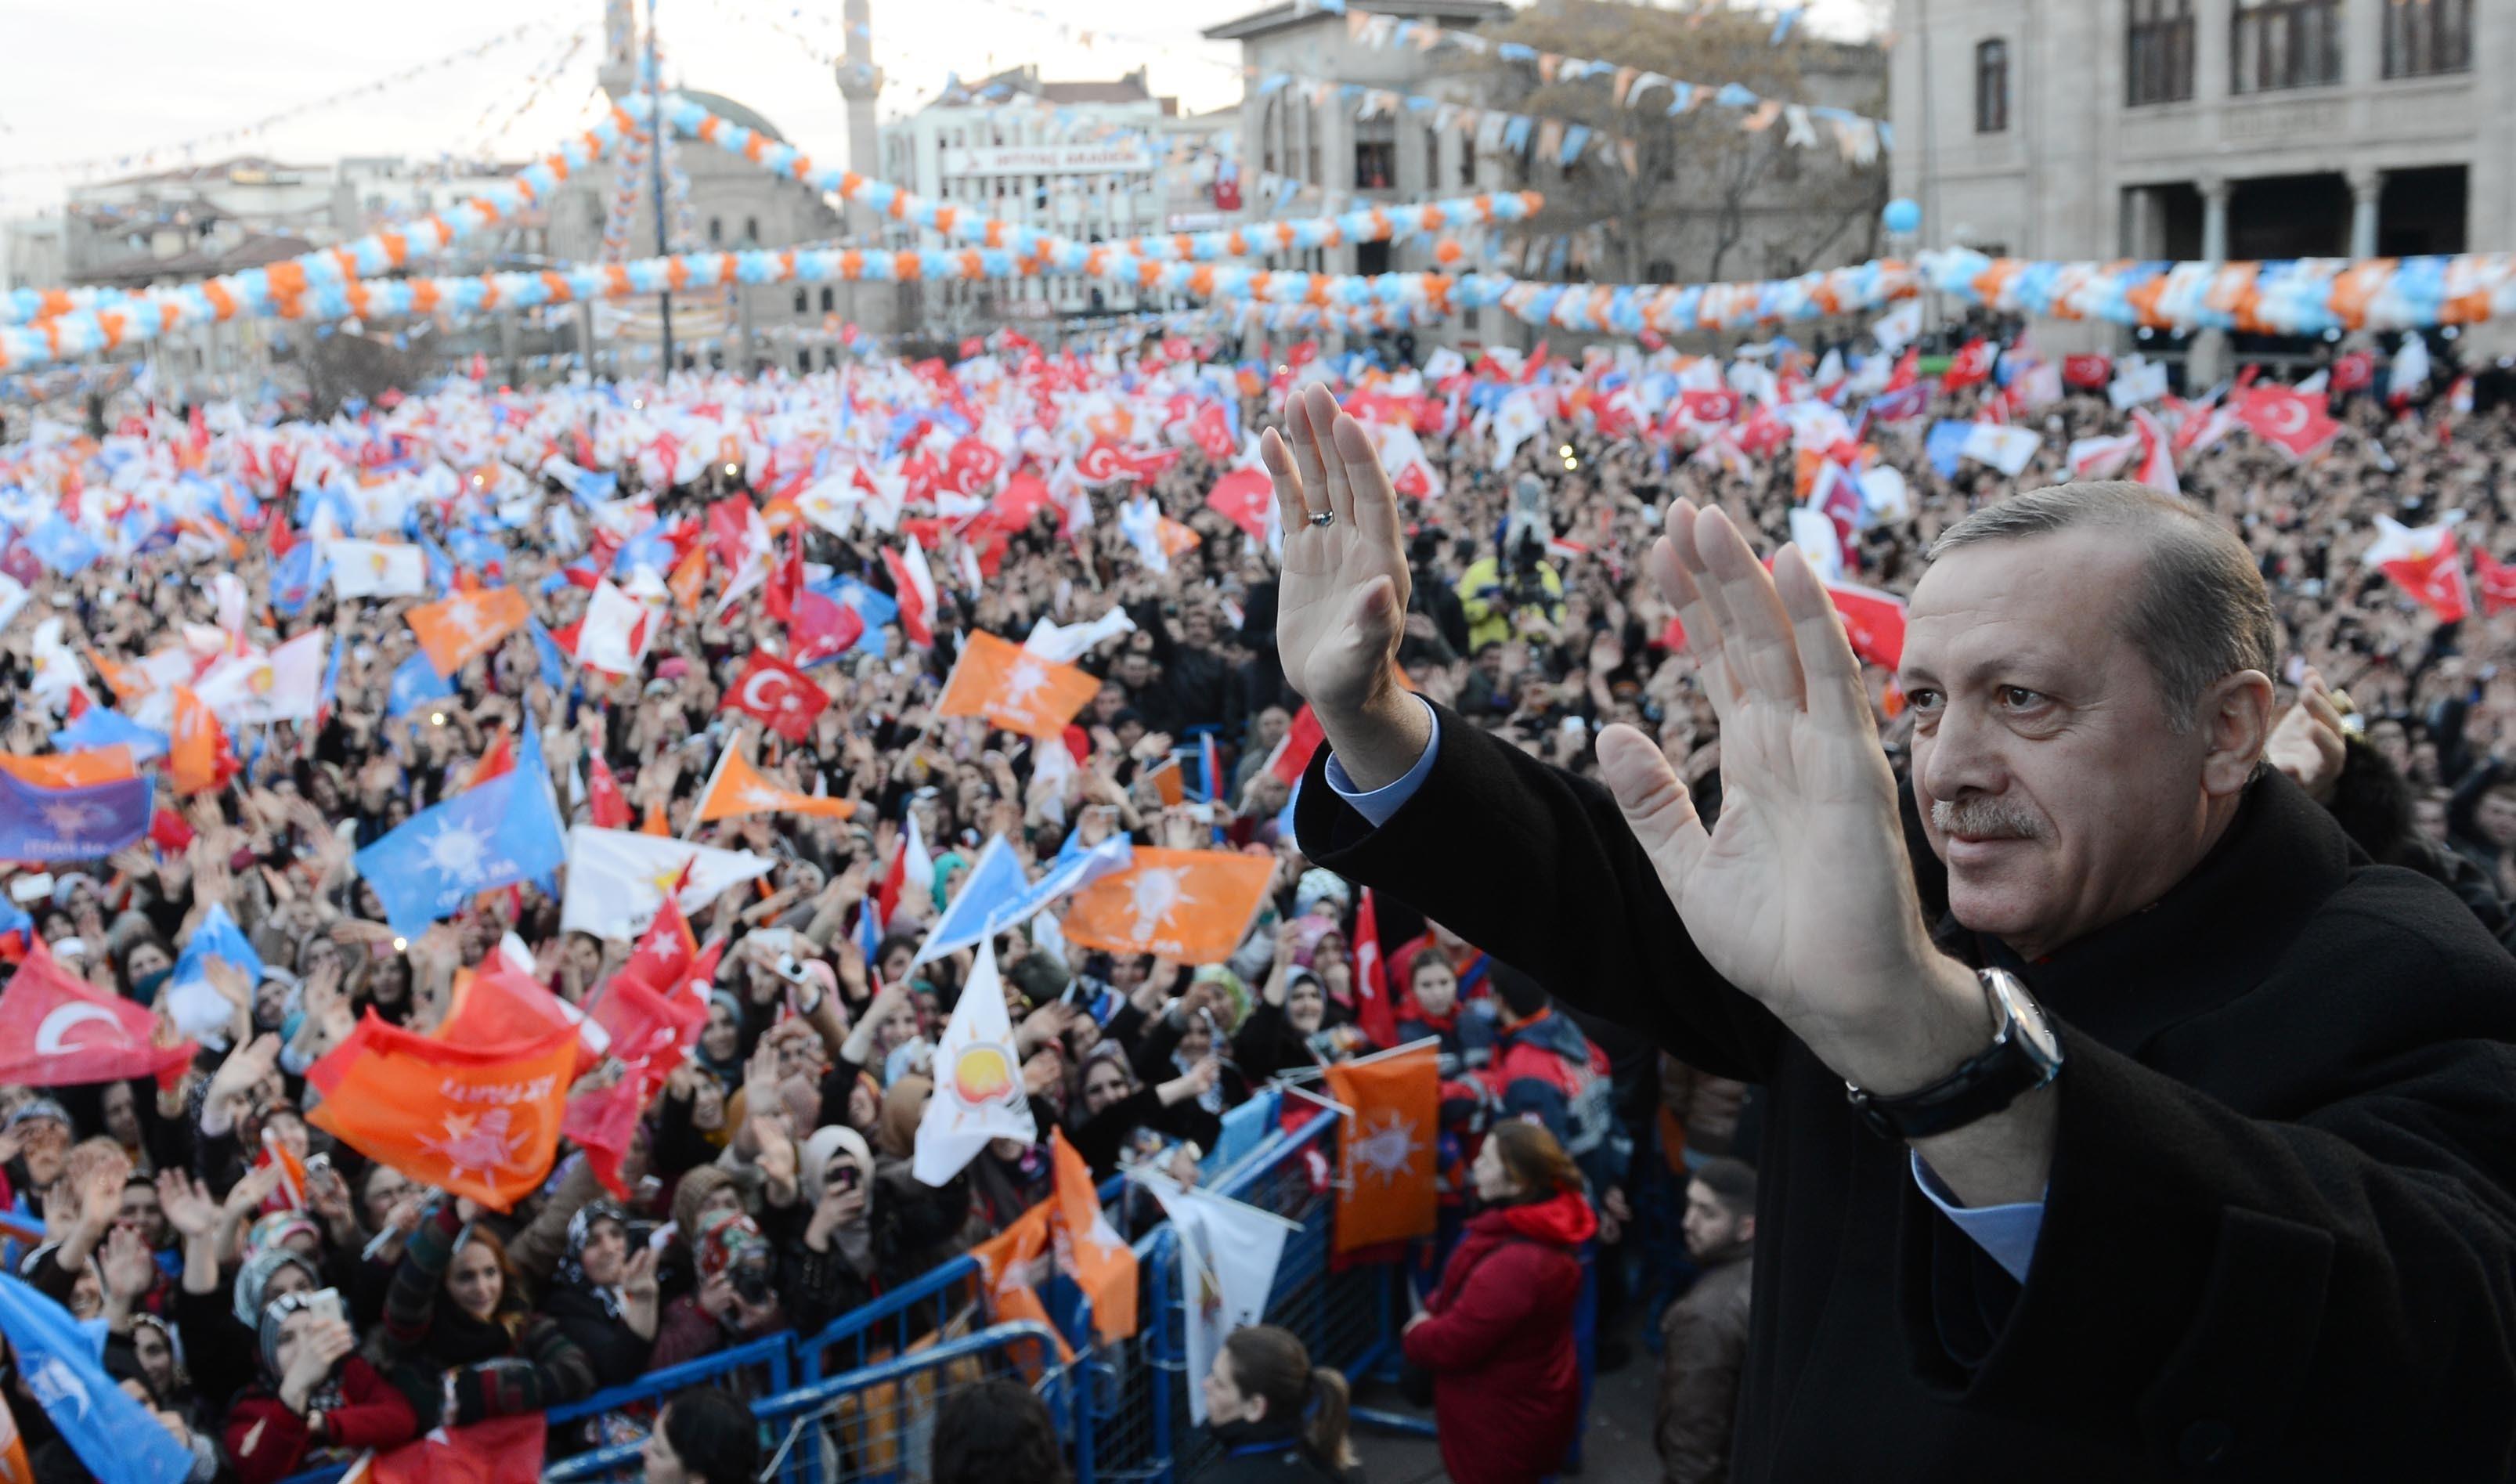 أردوغان في كلمة أمام أنصاره في إطار حملته الانتخابية الأخيرة